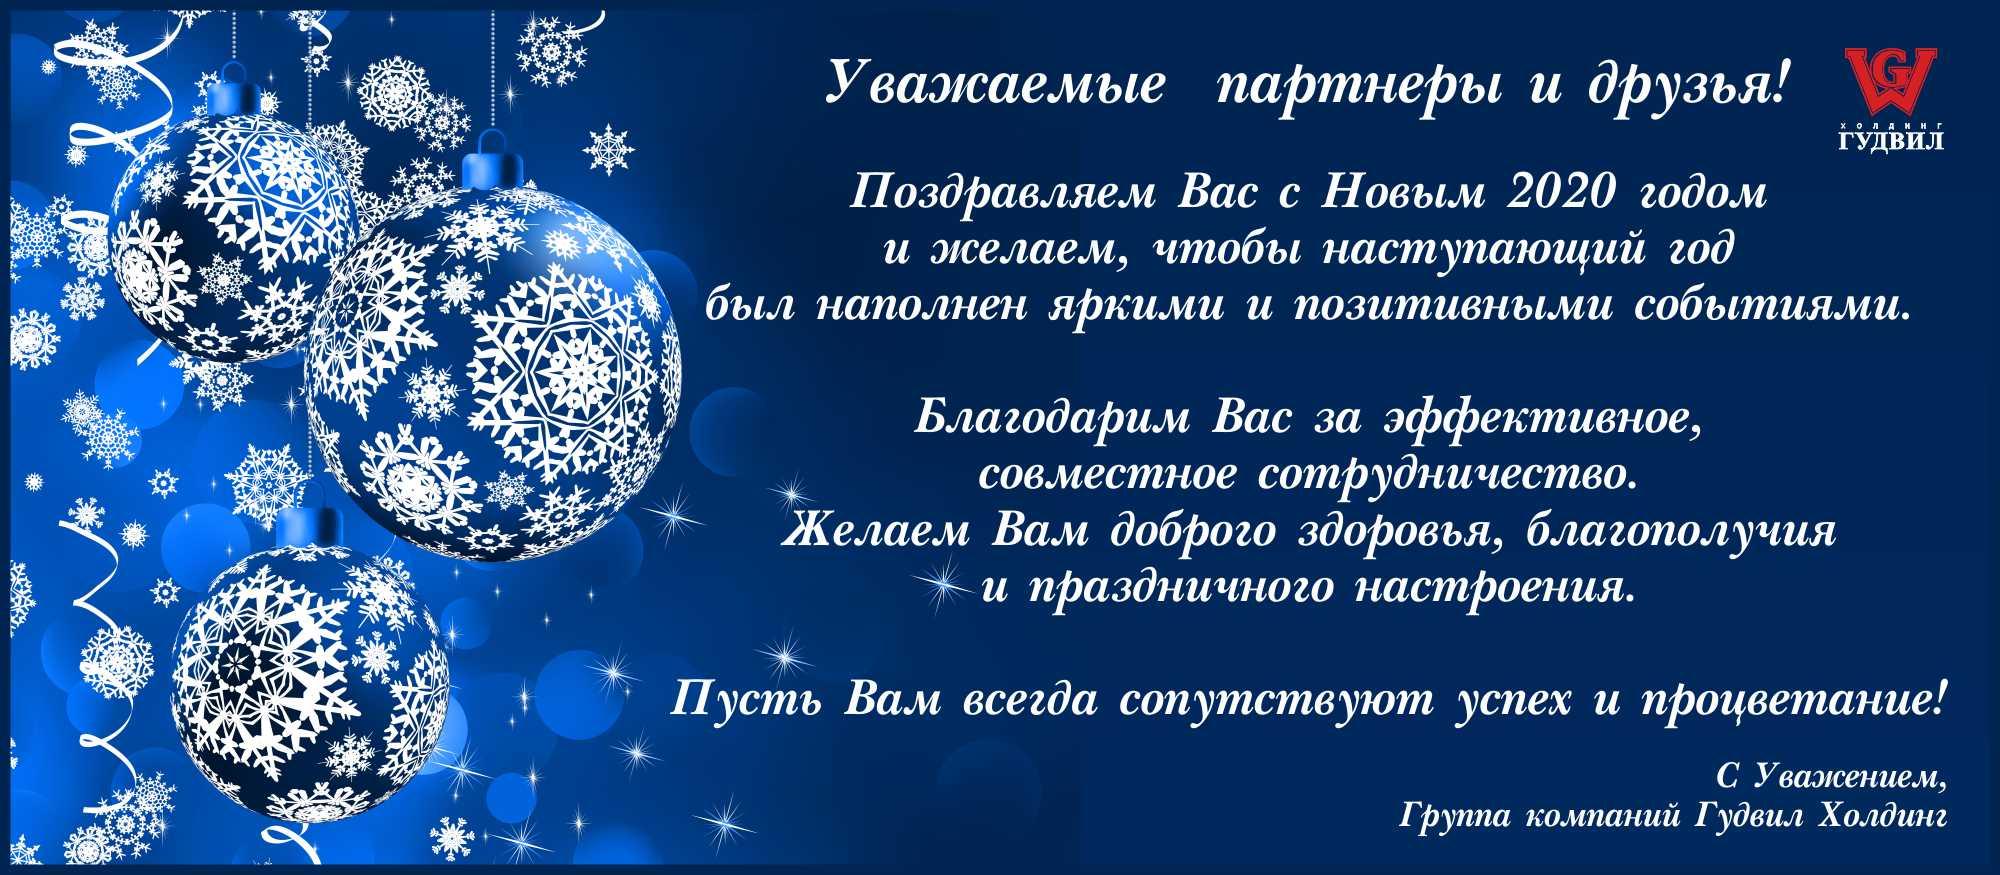 Гудвил Холдинг поздравляет с Новым 2020 годом и Рождеством!. Фото 1